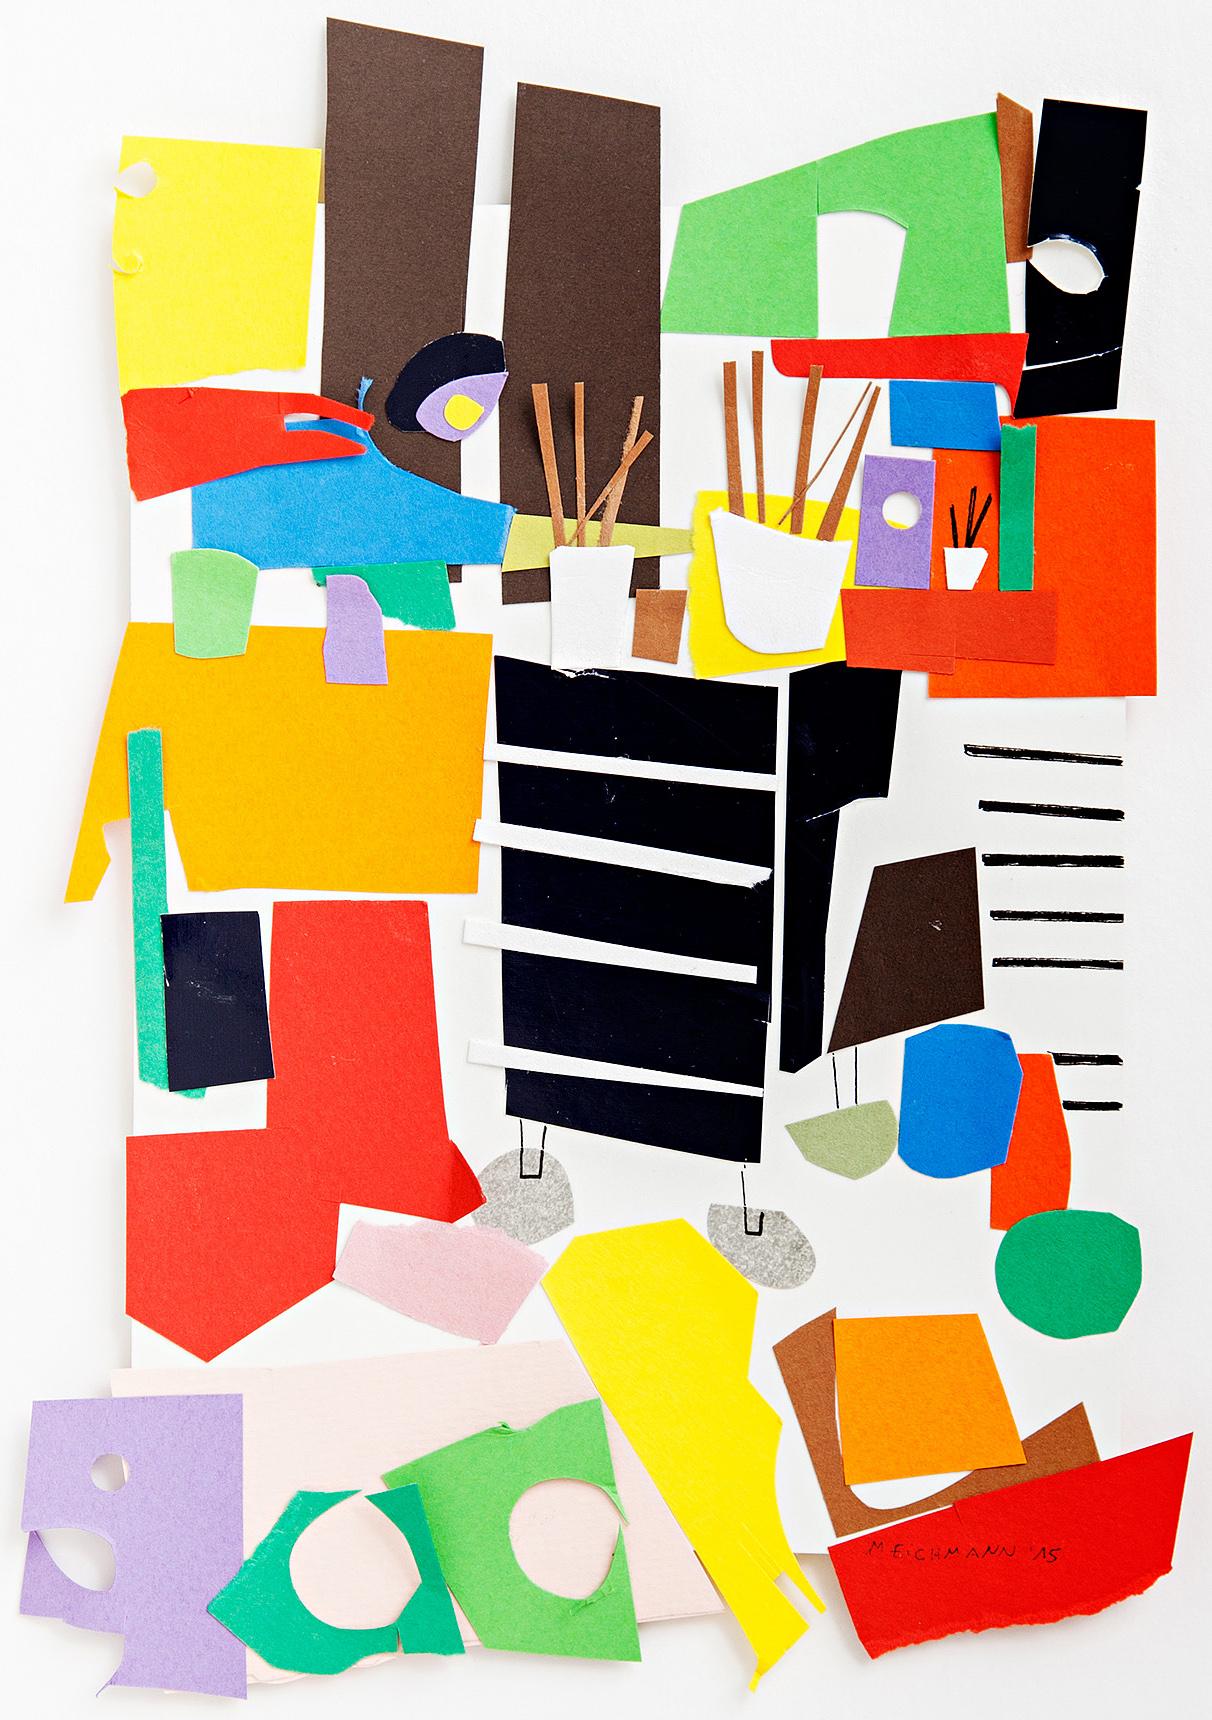 """MARION EICHMANN """"ATELIER, PLANSCHRANK,PINSEL"""" 29,5 x 23, 2015"""